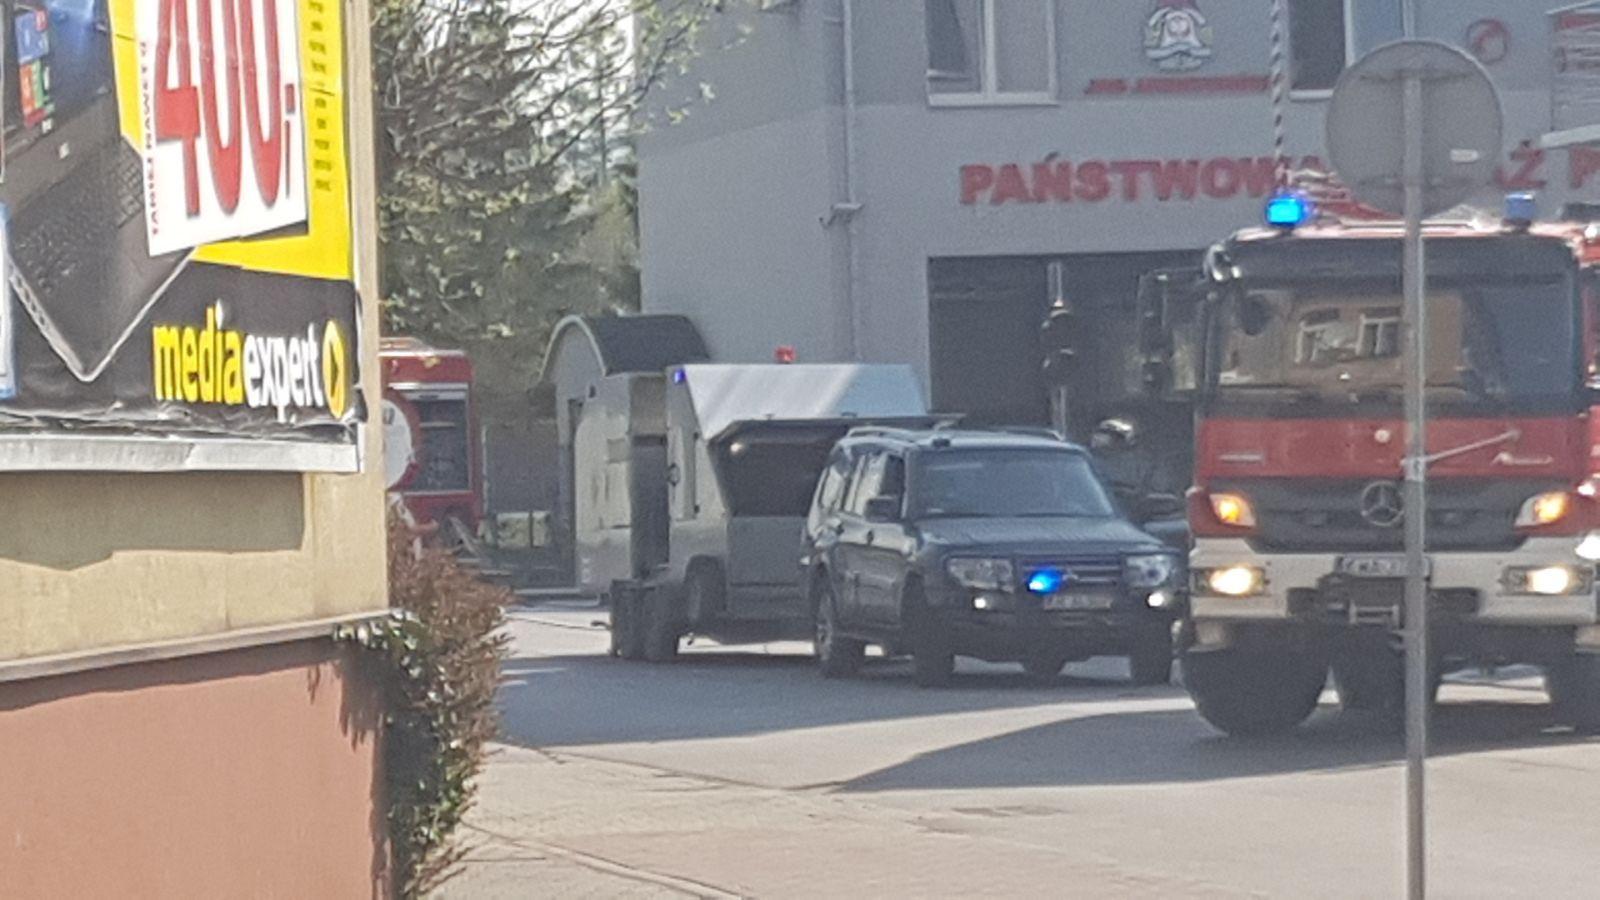 Koniec akcji w Andrychowie. Pod eskortą i na sygnale podejrzany pojemnik wywieziony z miasta [FOTO]